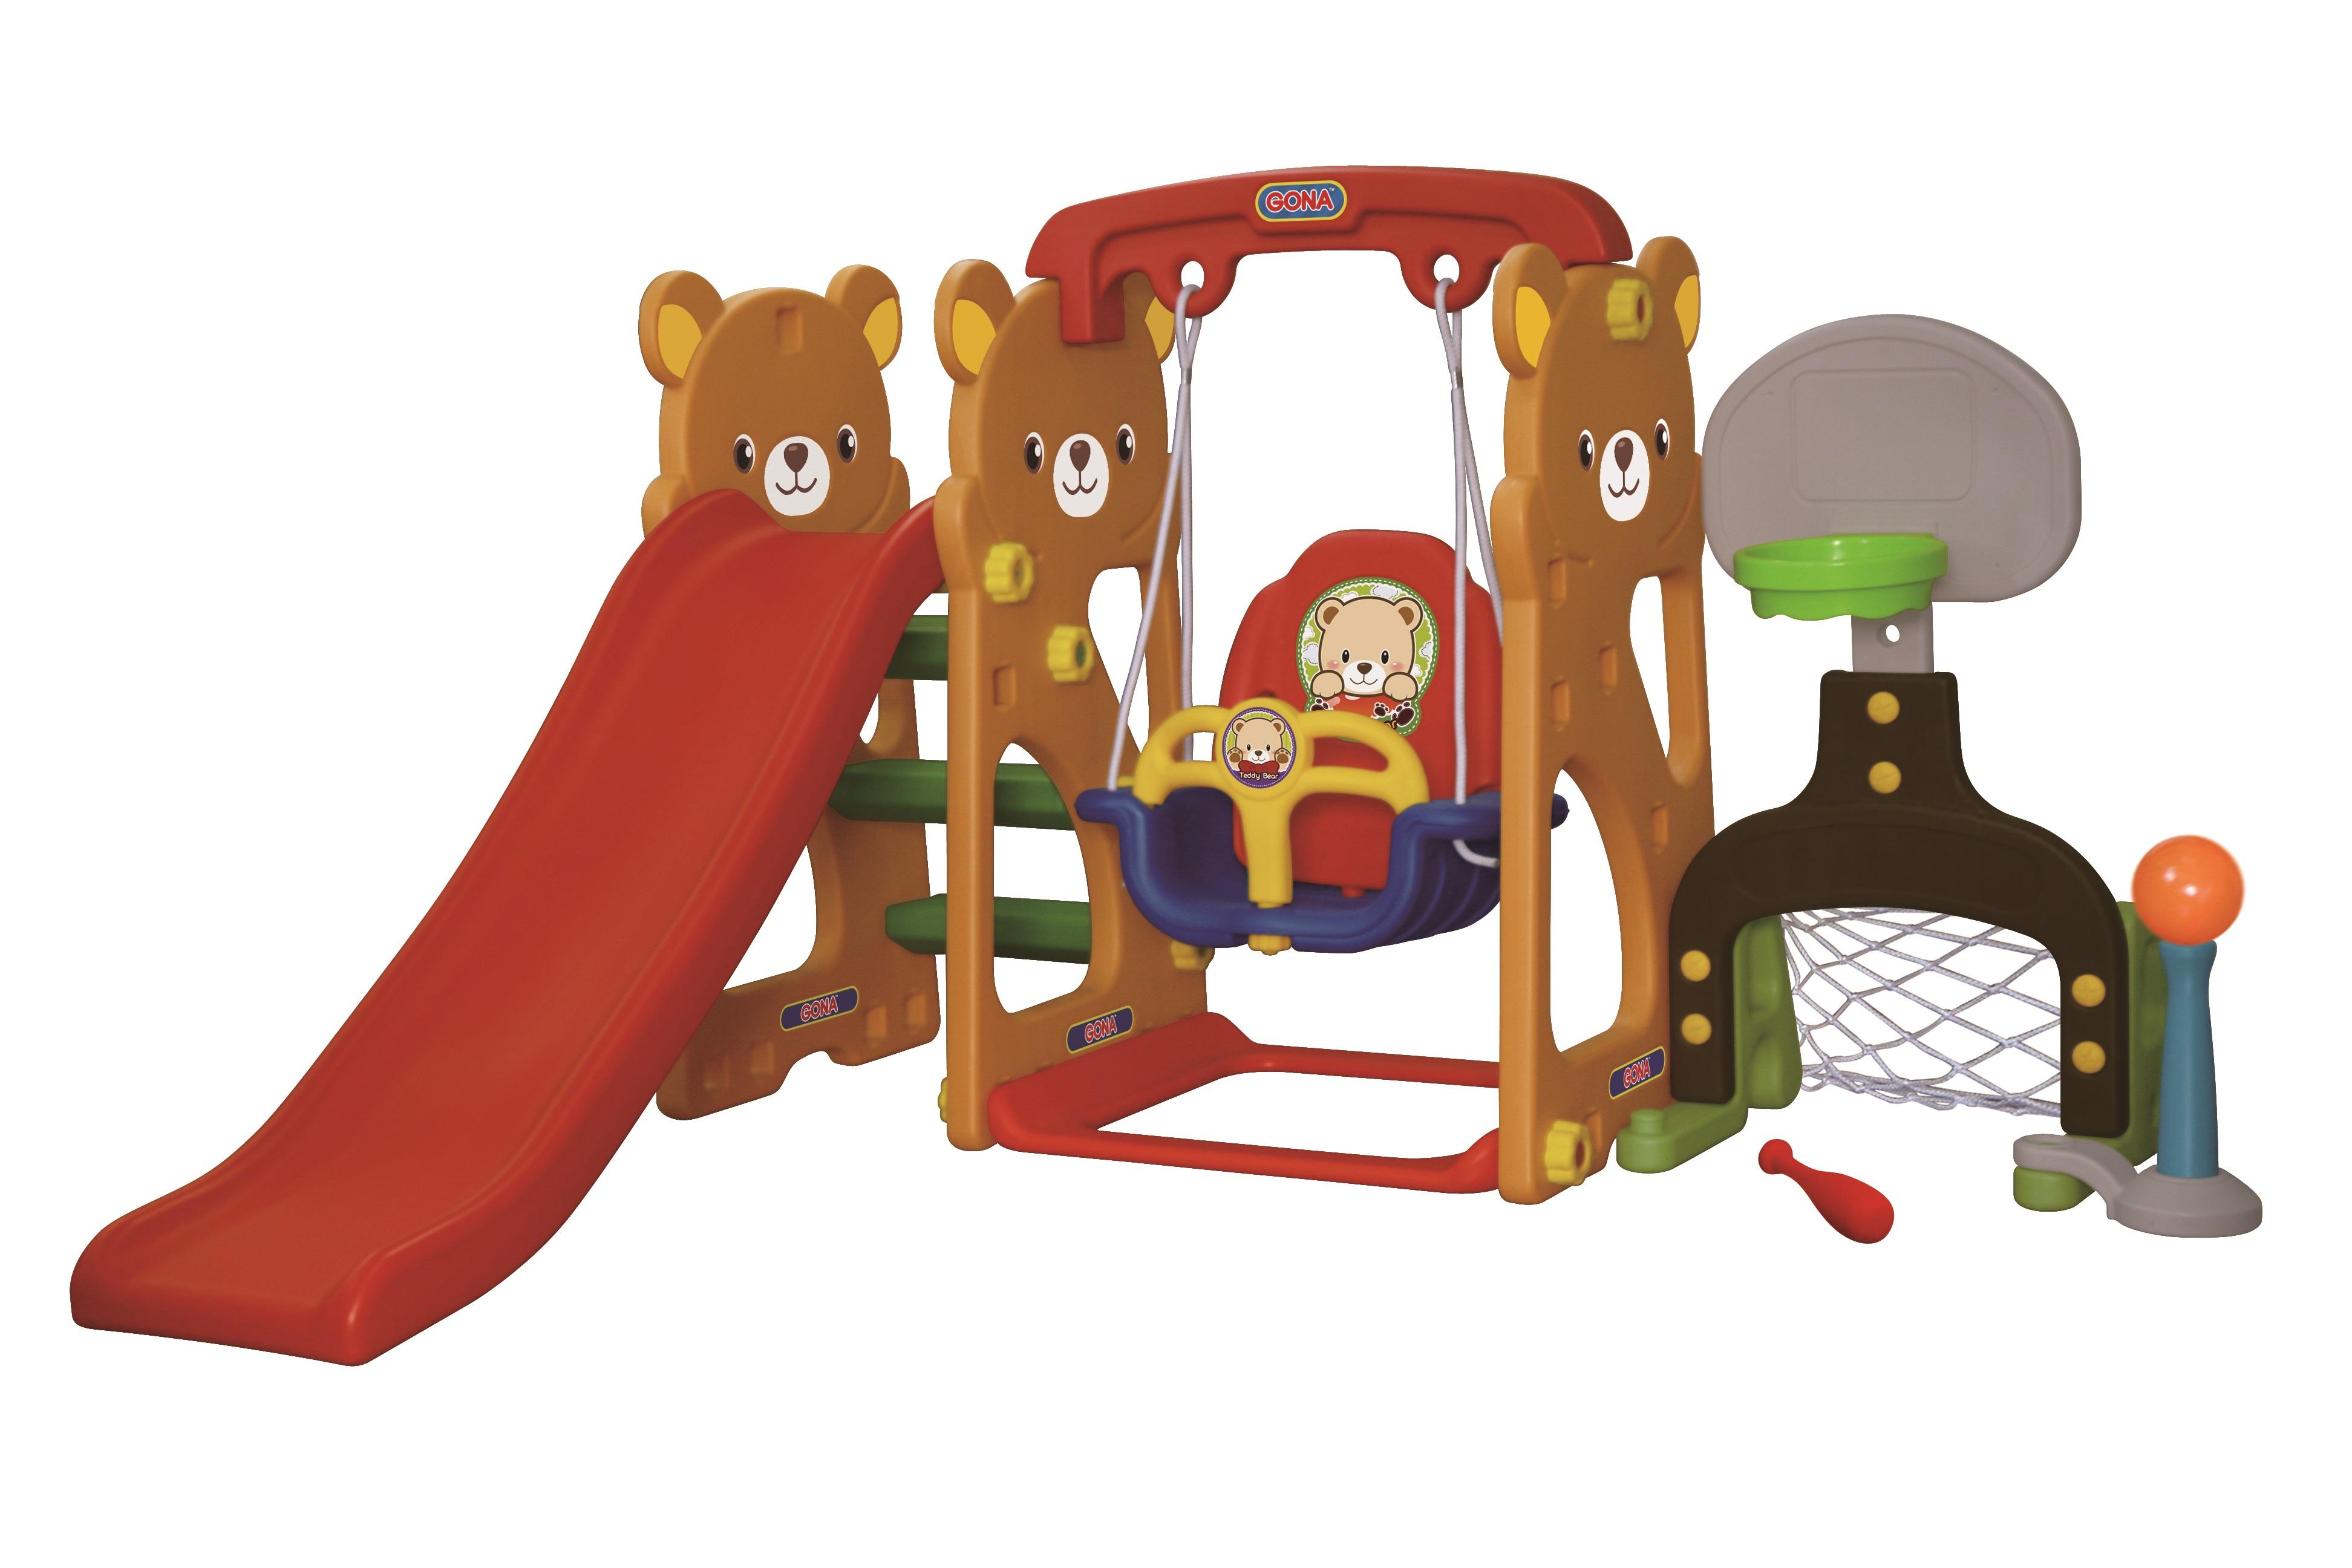 Игровая зона Мишка с качелями, горкой, футбольными воротами и баскетбольным кольцом - Детские игровые горки, артикул: 161472